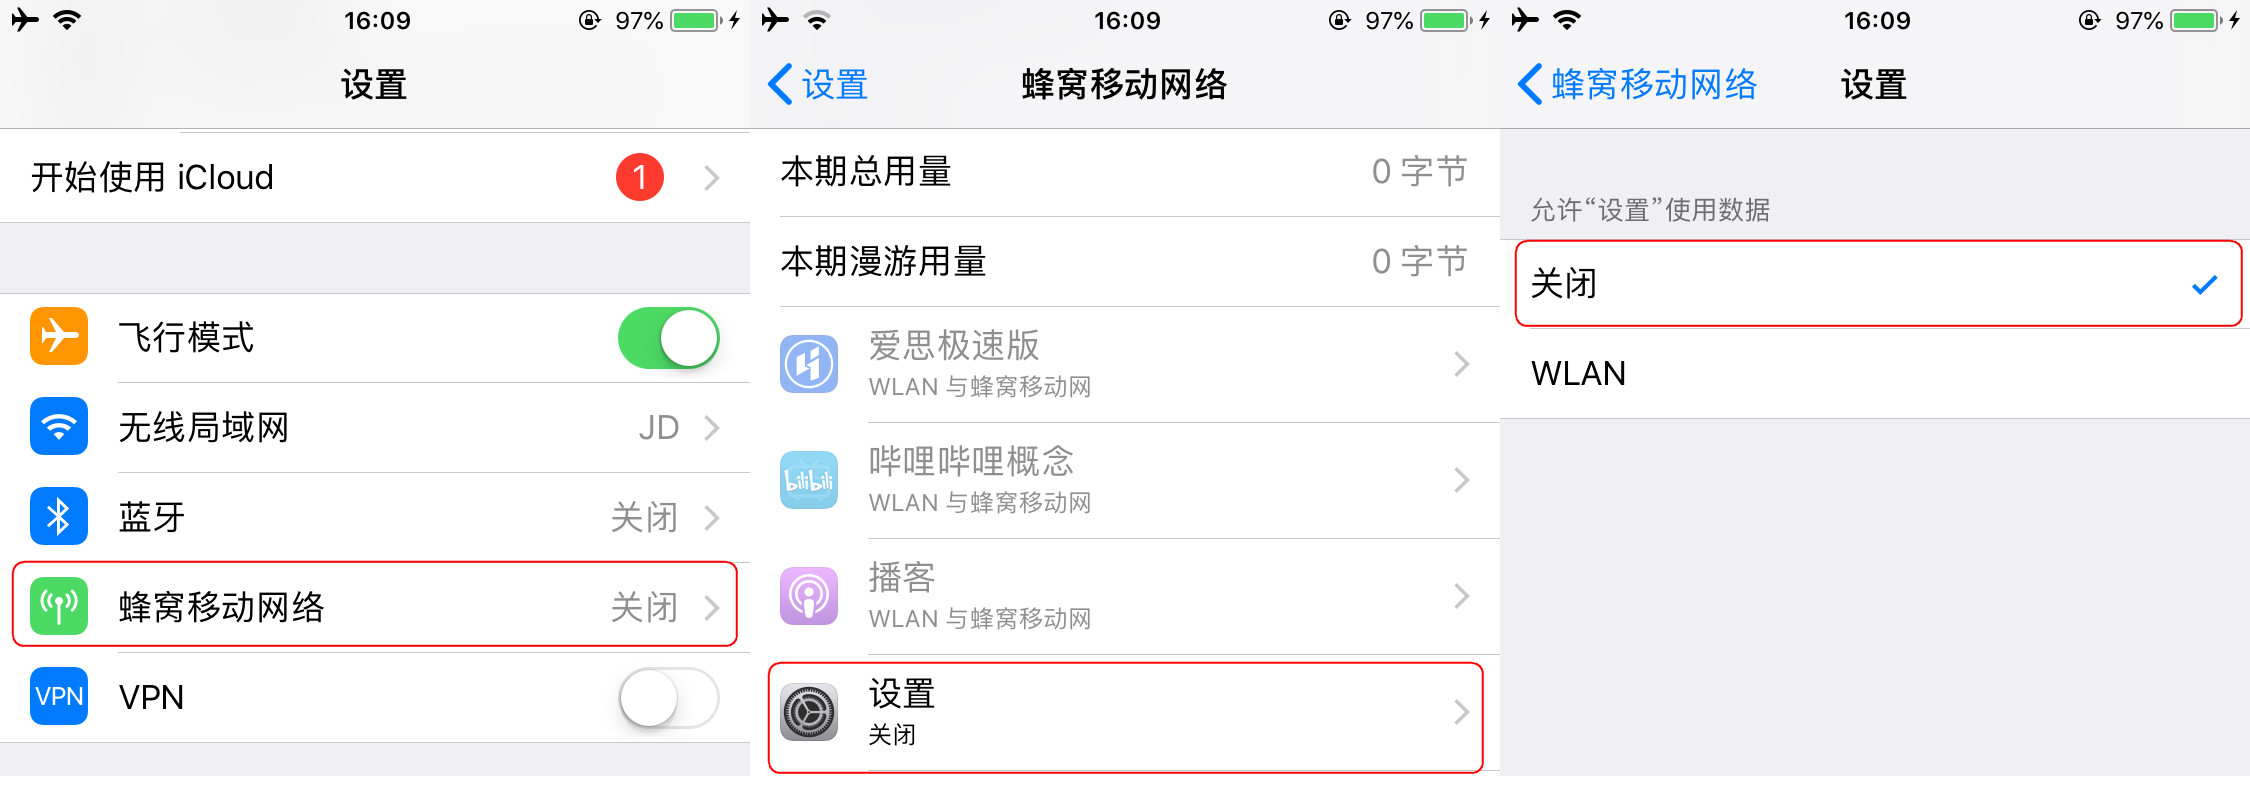 如何通过禁用网络权限关闭 iPhone 自动升级?